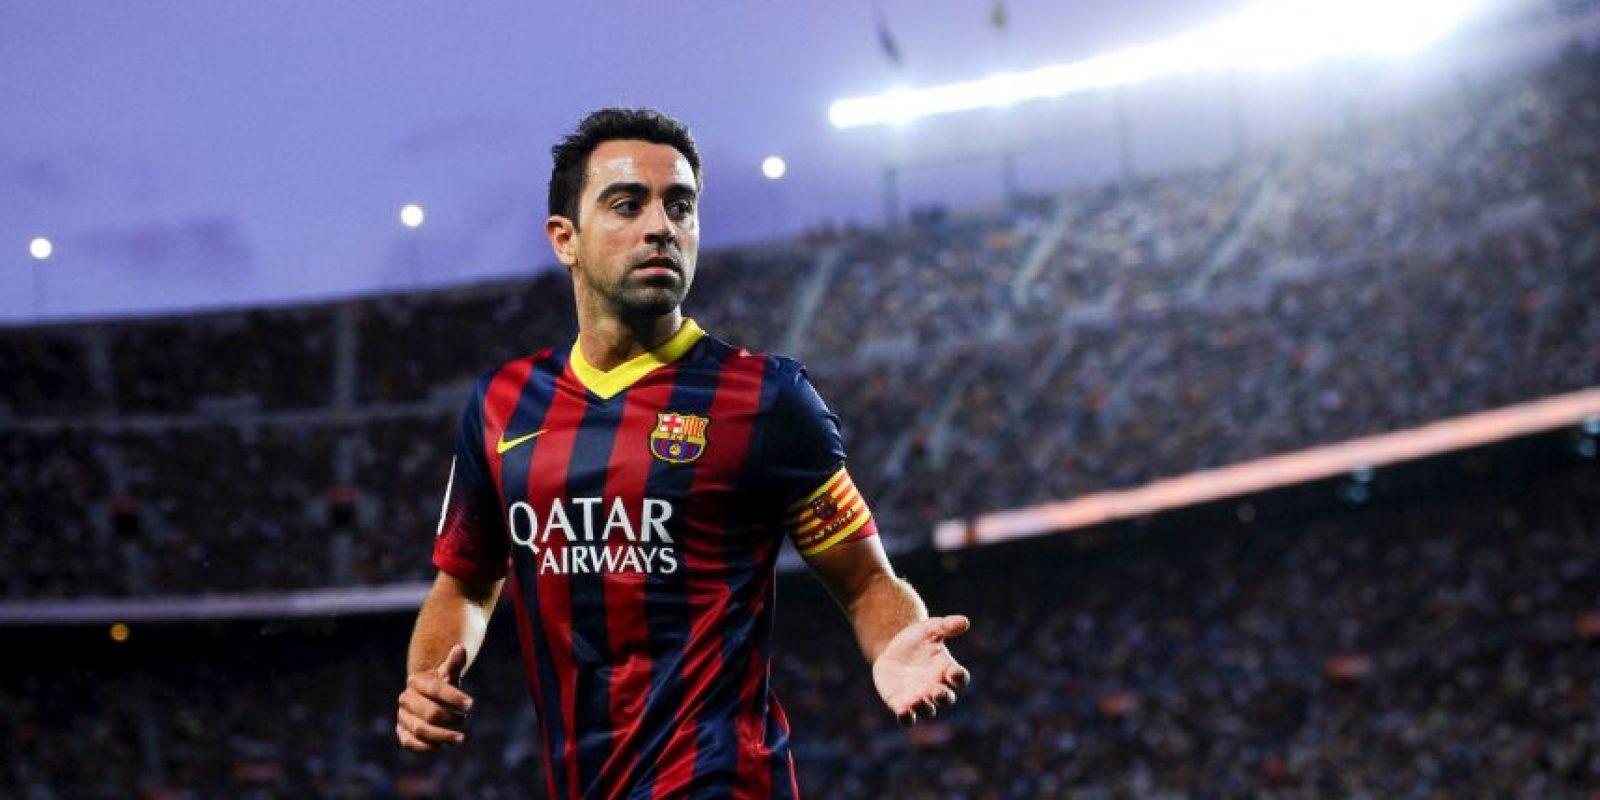 Por el lado de Barcelona, ha sido Xavi Hernández quien más Clásicos lleva disputados, con 42 apariciones. Foto:Getty Images